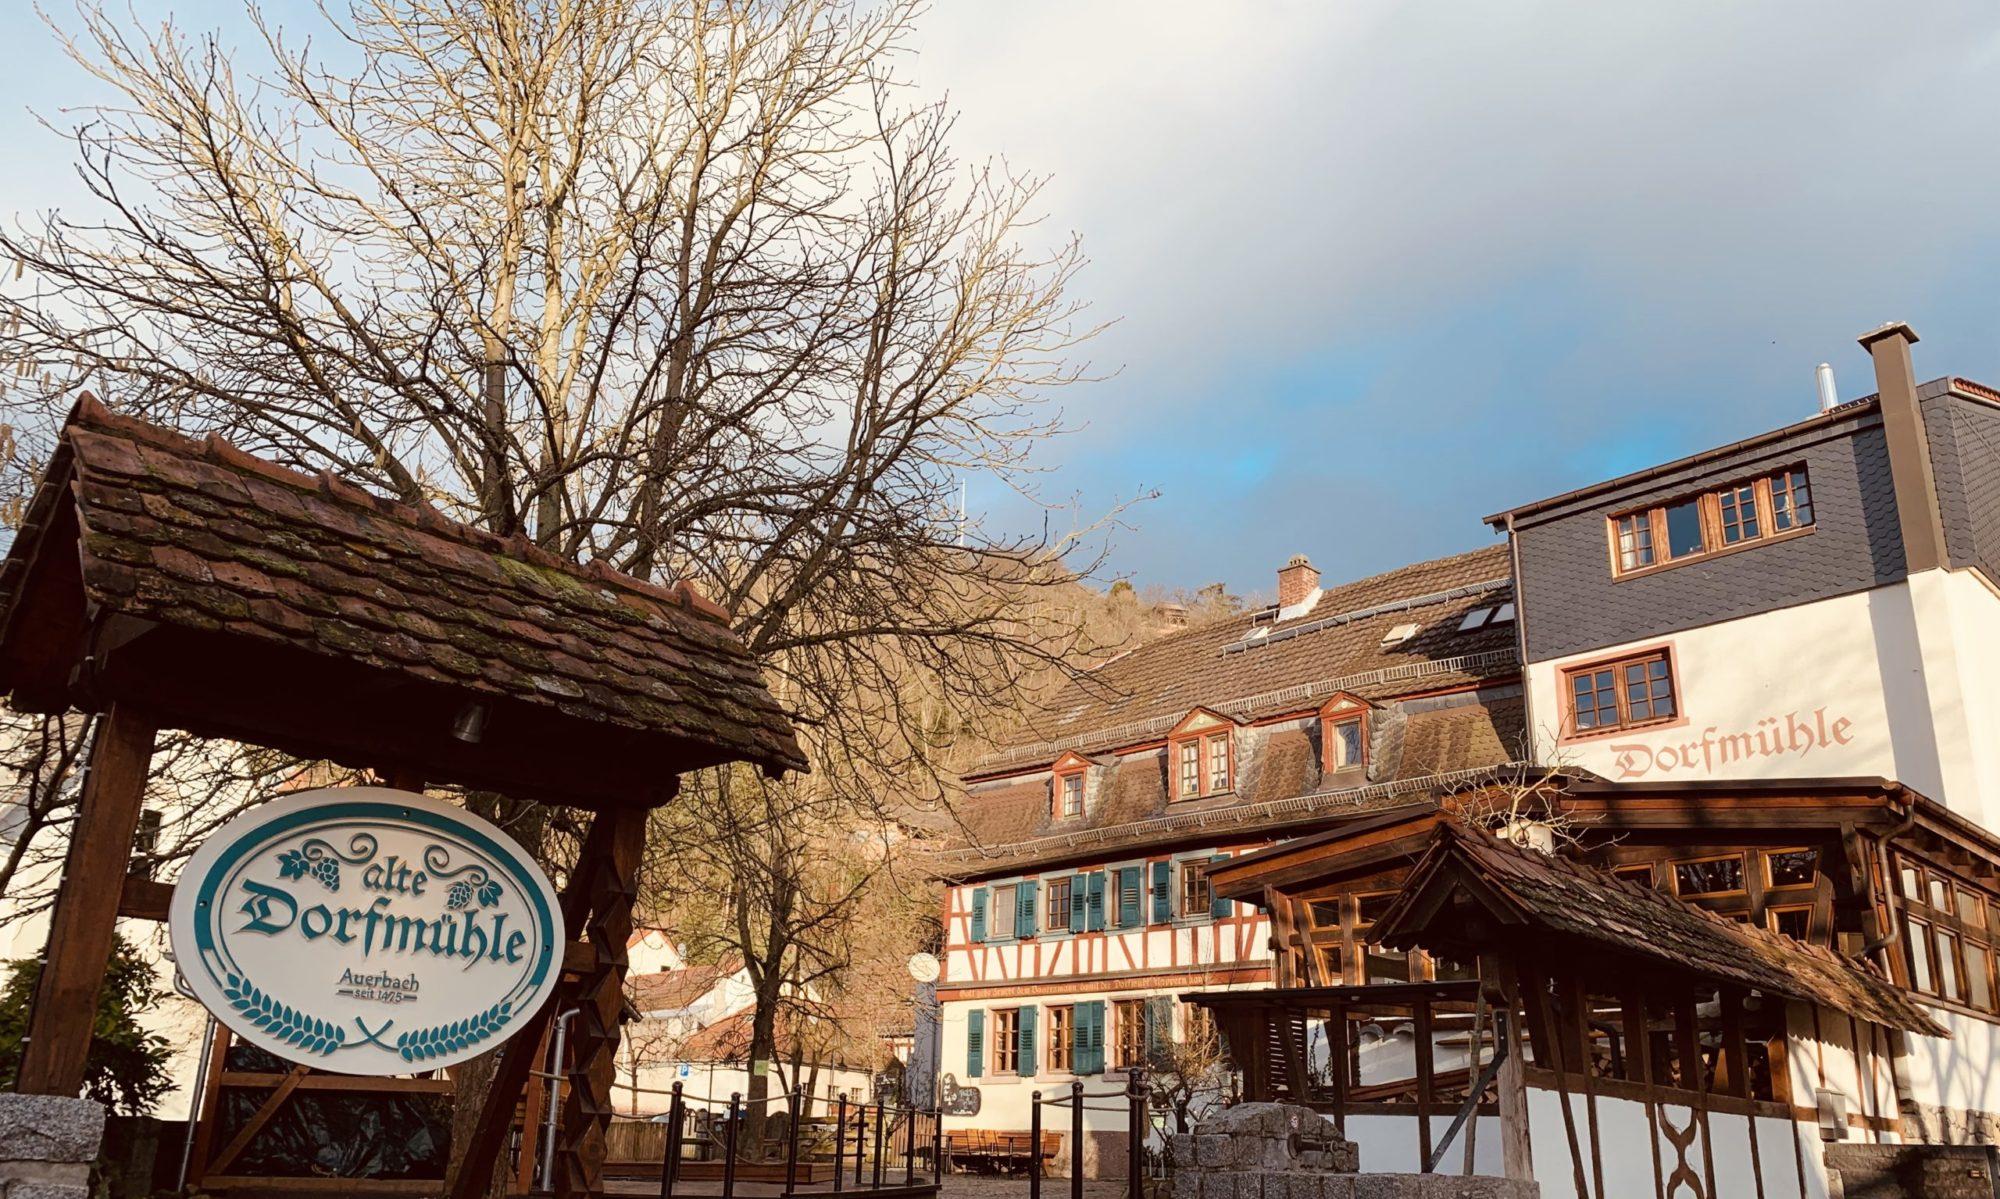 Alte Dorfmühle Auerbach